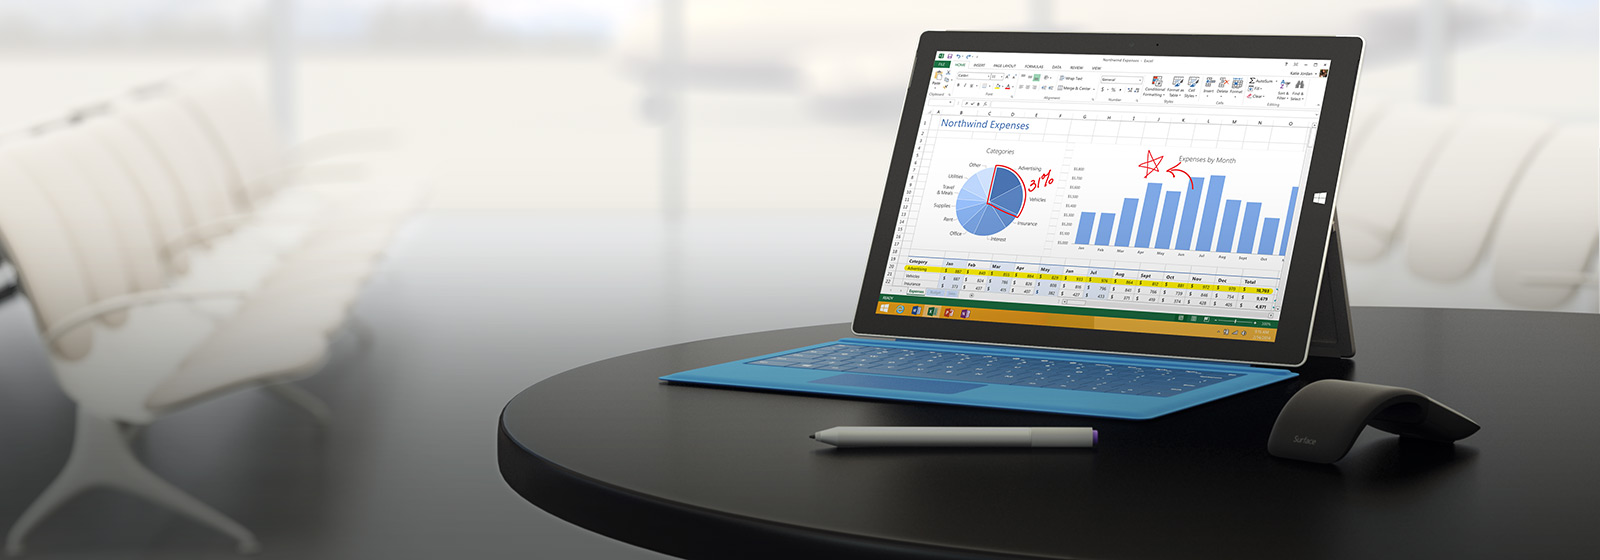 La tablette qui peut remplacer votre portable. Surface Pro3.